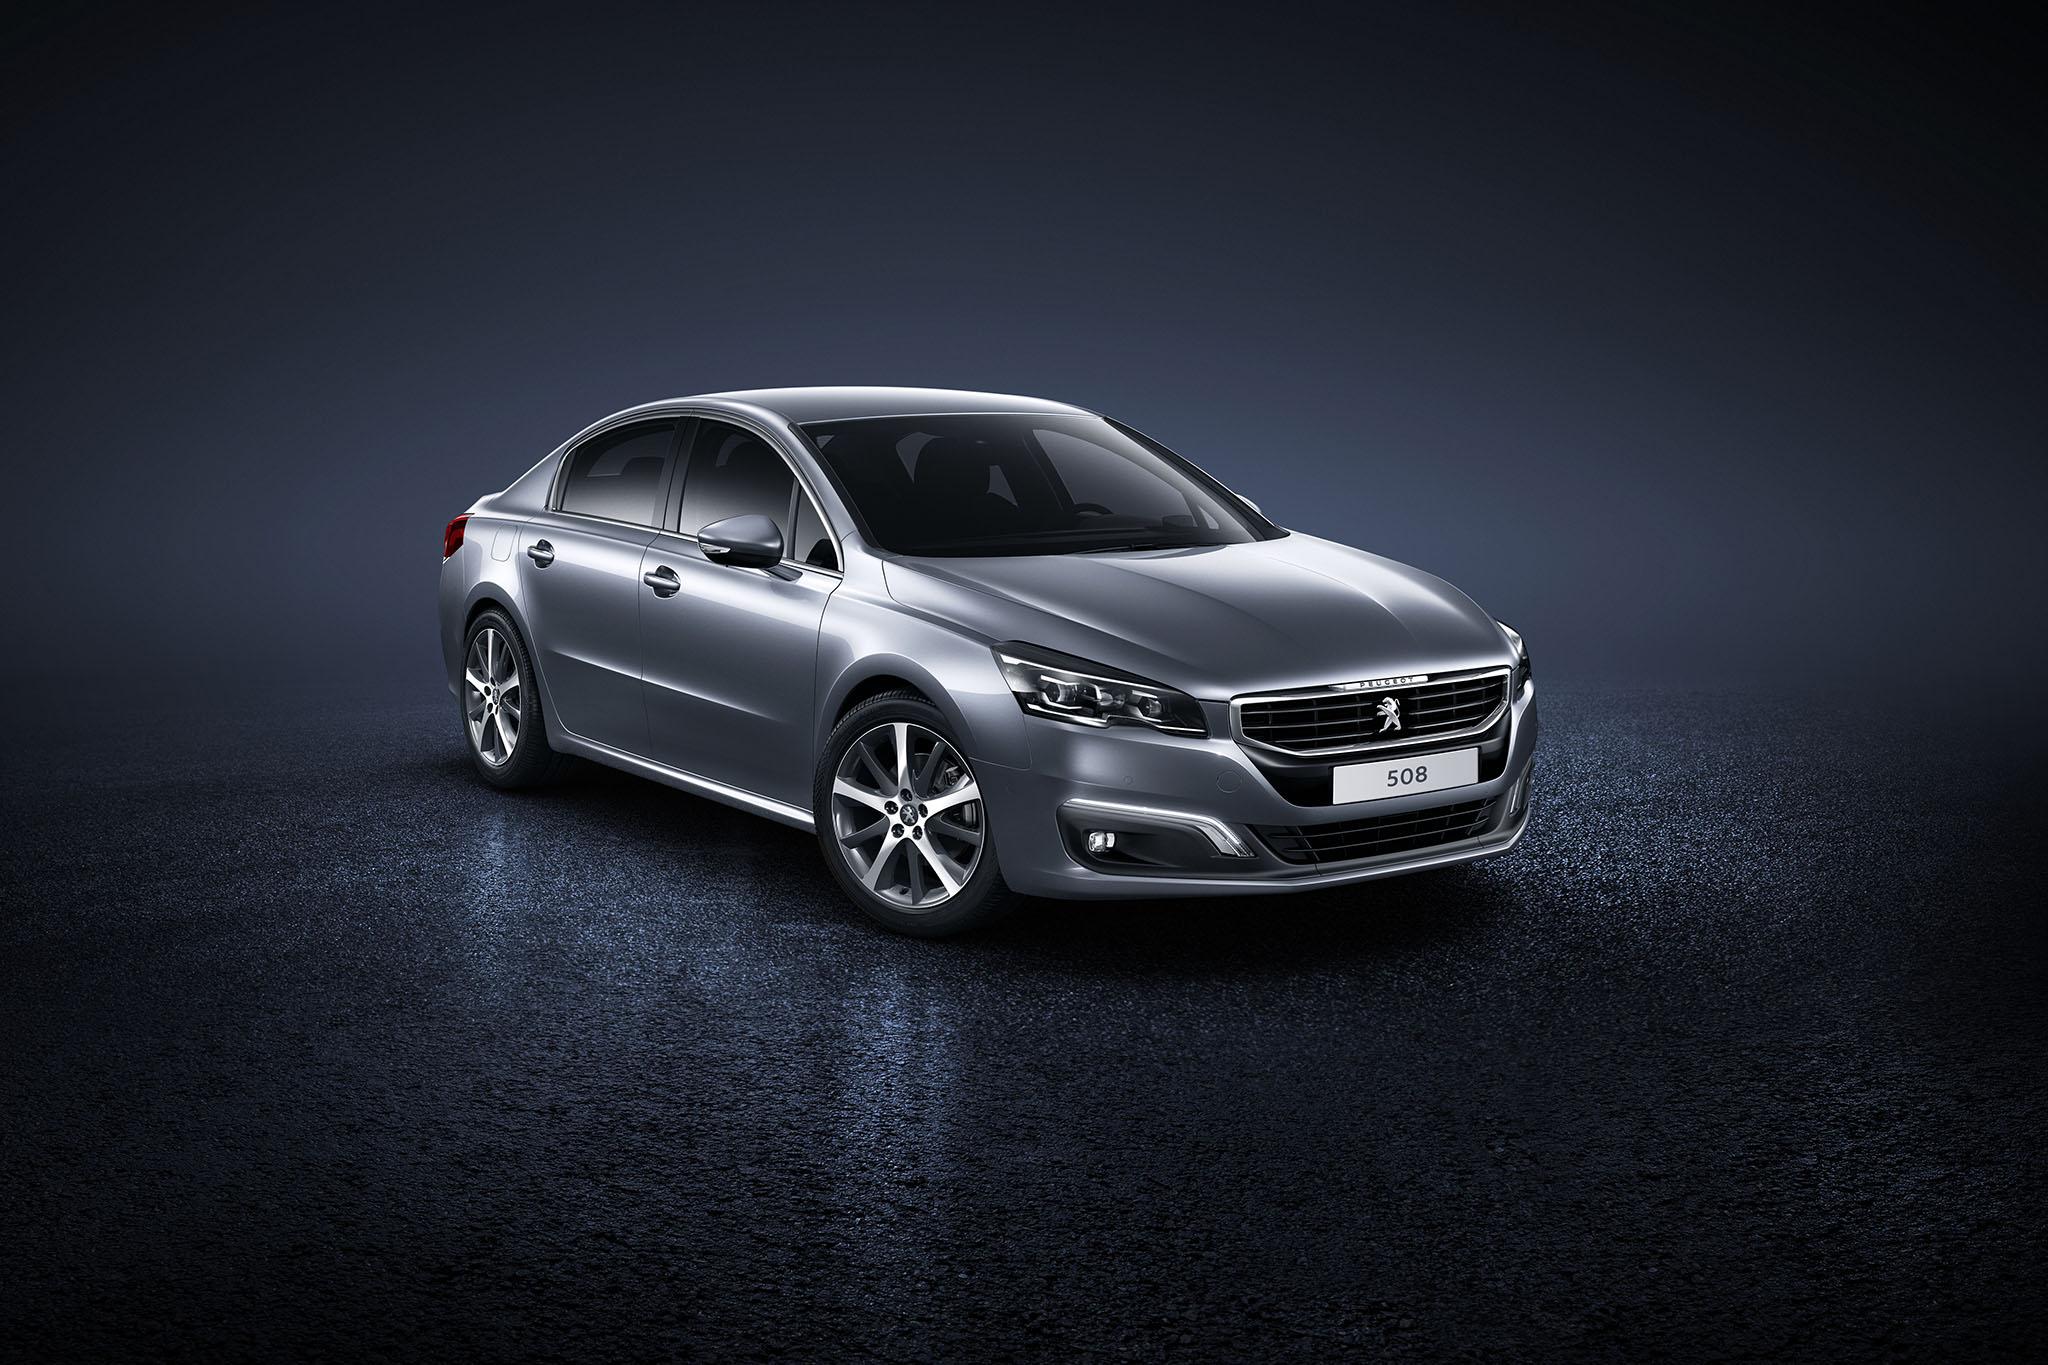 Peugeot508 01